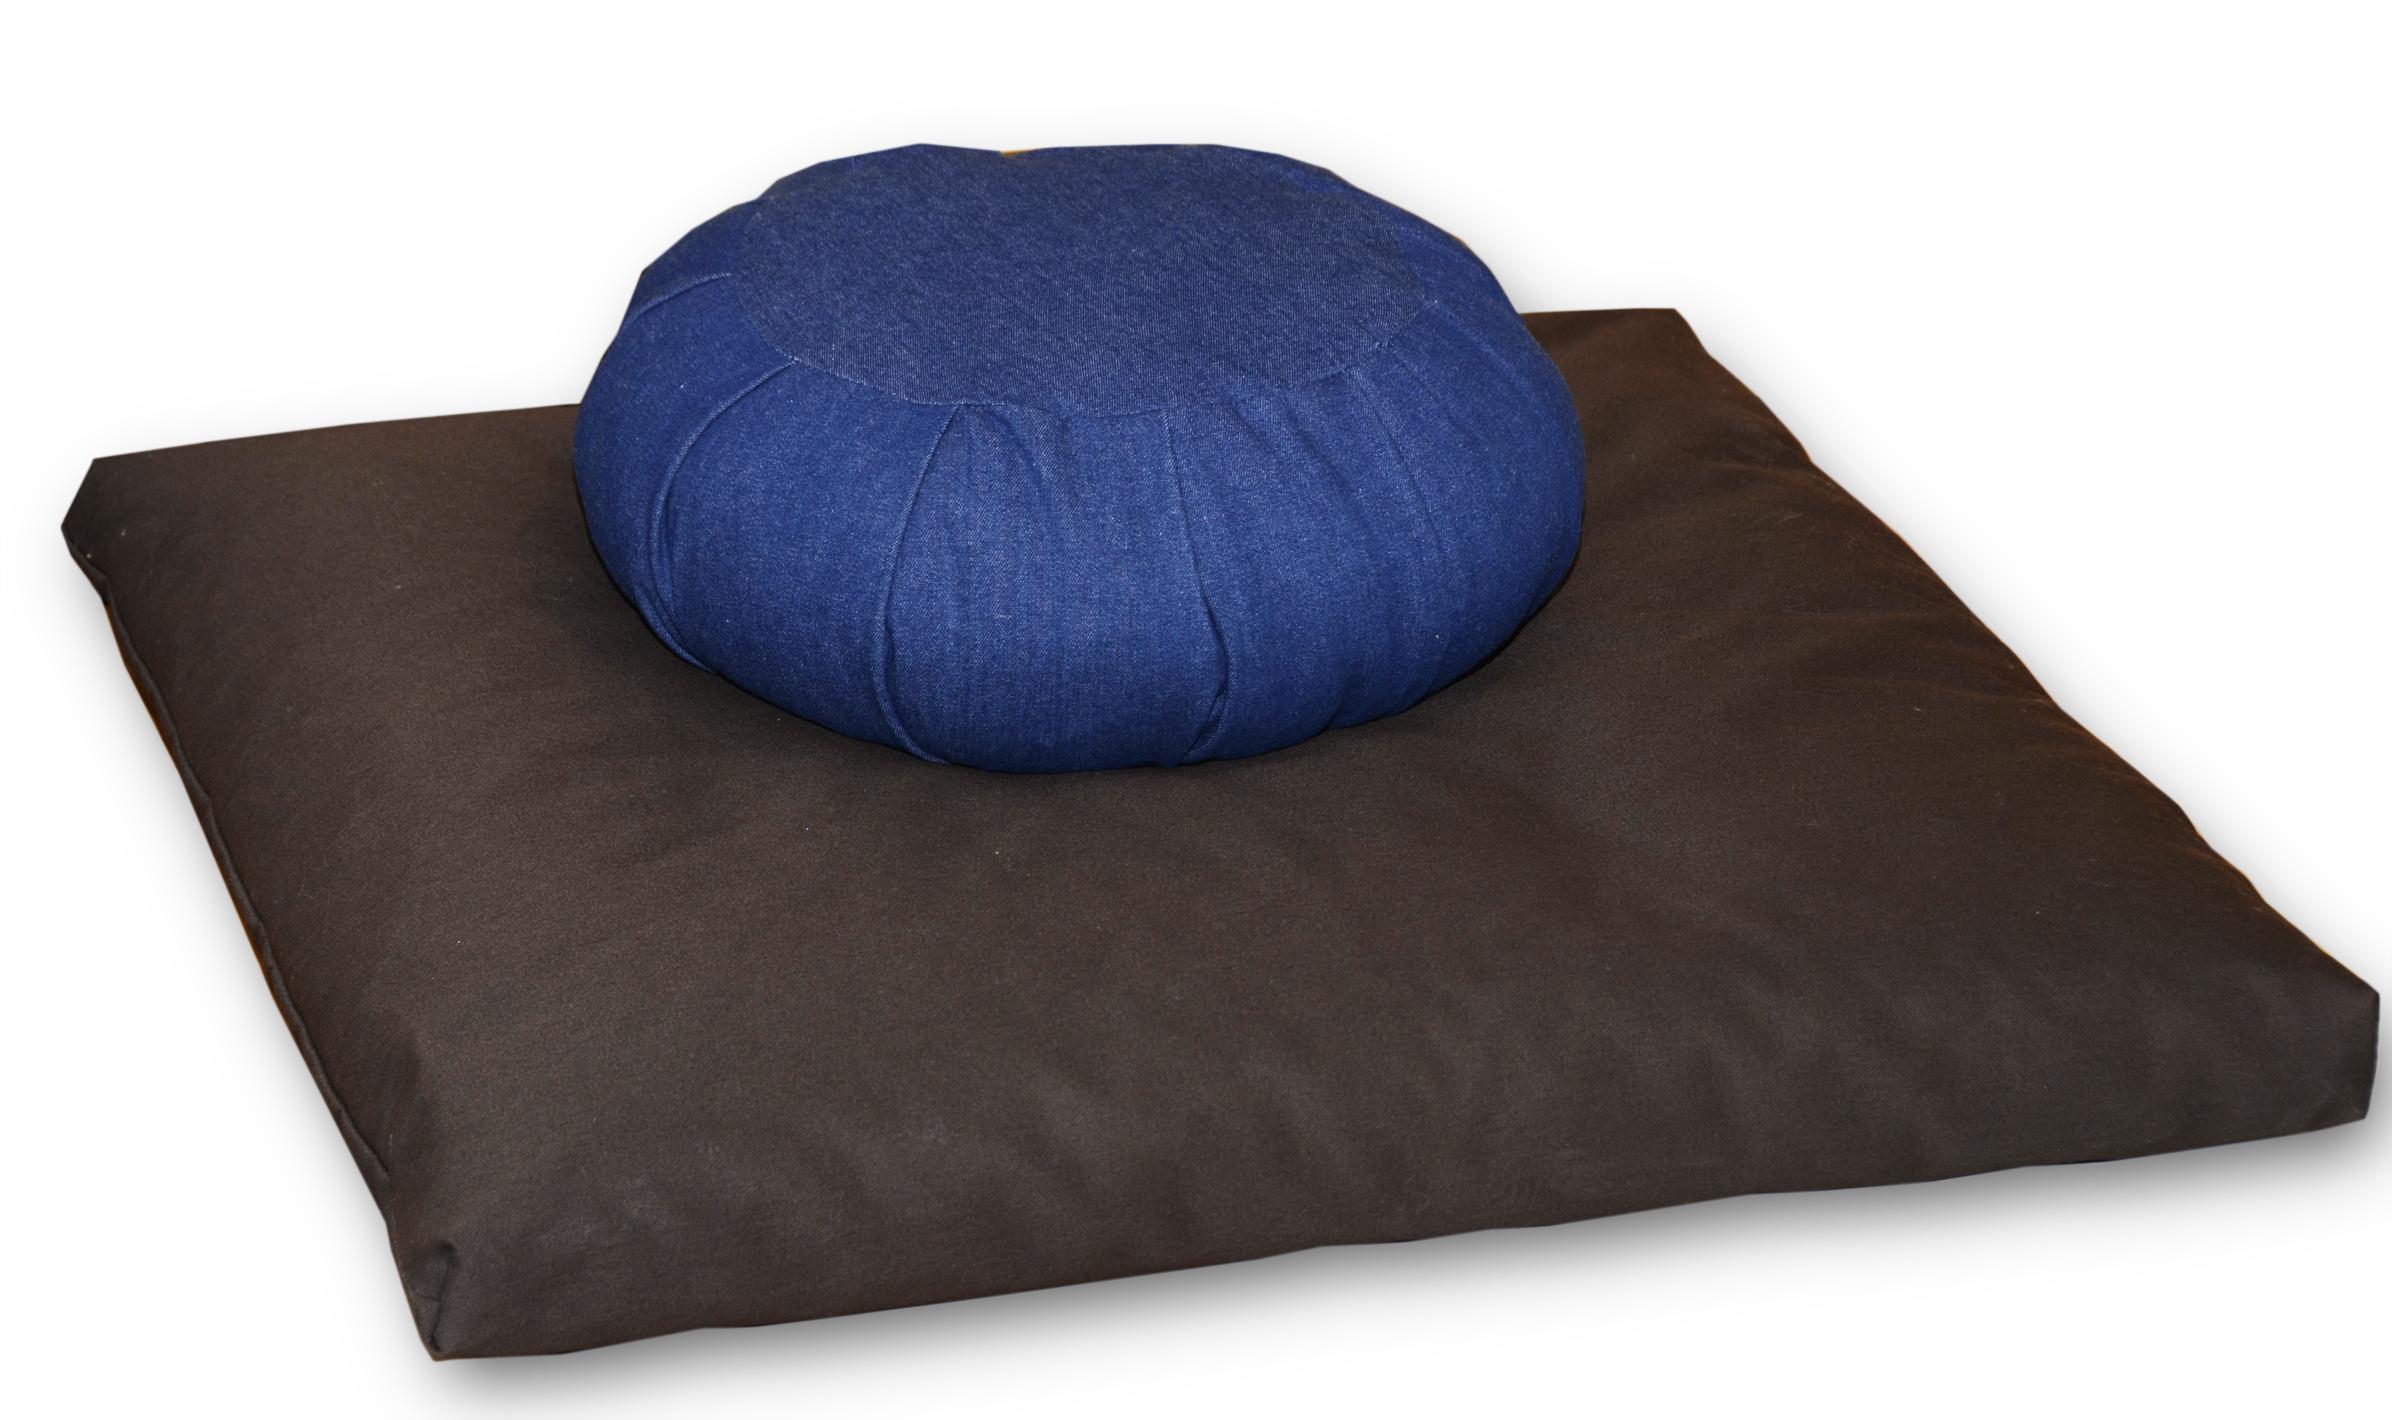 coussins de m ditation zafu et zabuton bor al atelier de matelas. Black Bedroom Furniture Sets. Home Design Ideas